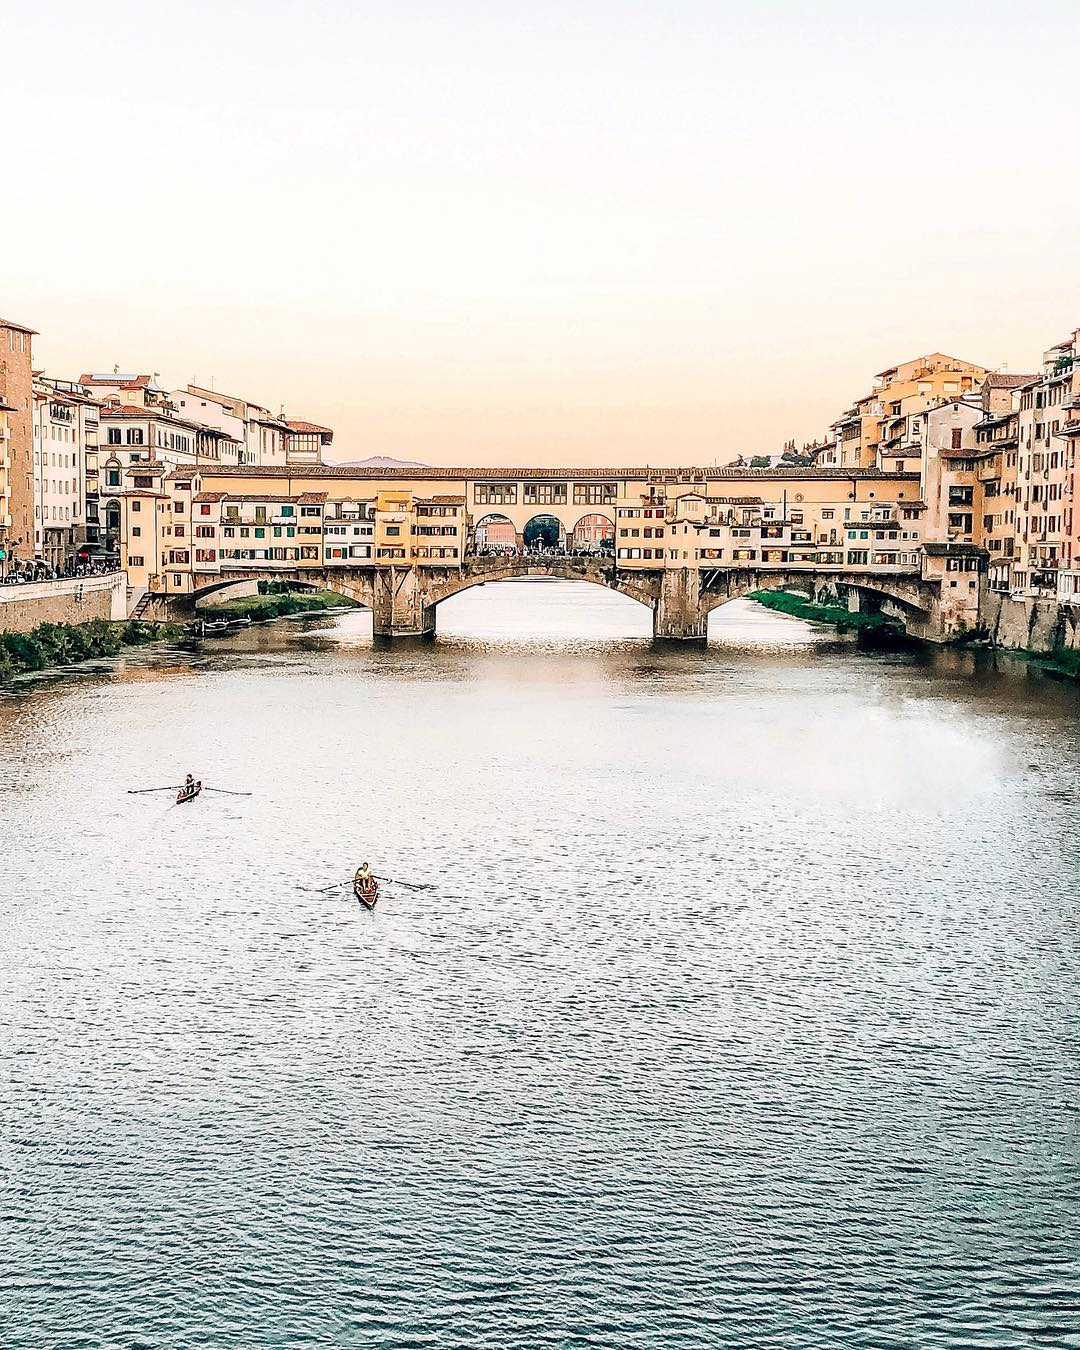 Weekend Getaway to Florence